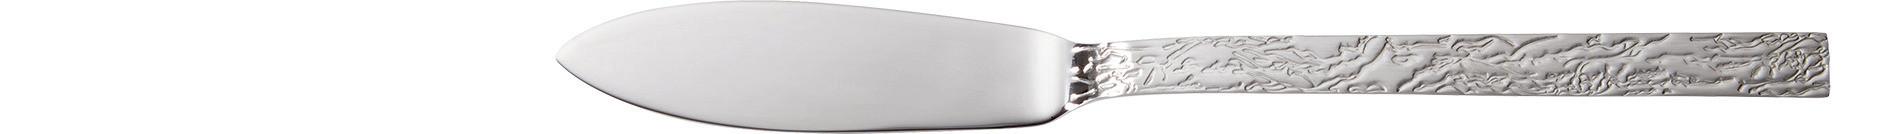 Inka, Fischmesser 205 mm